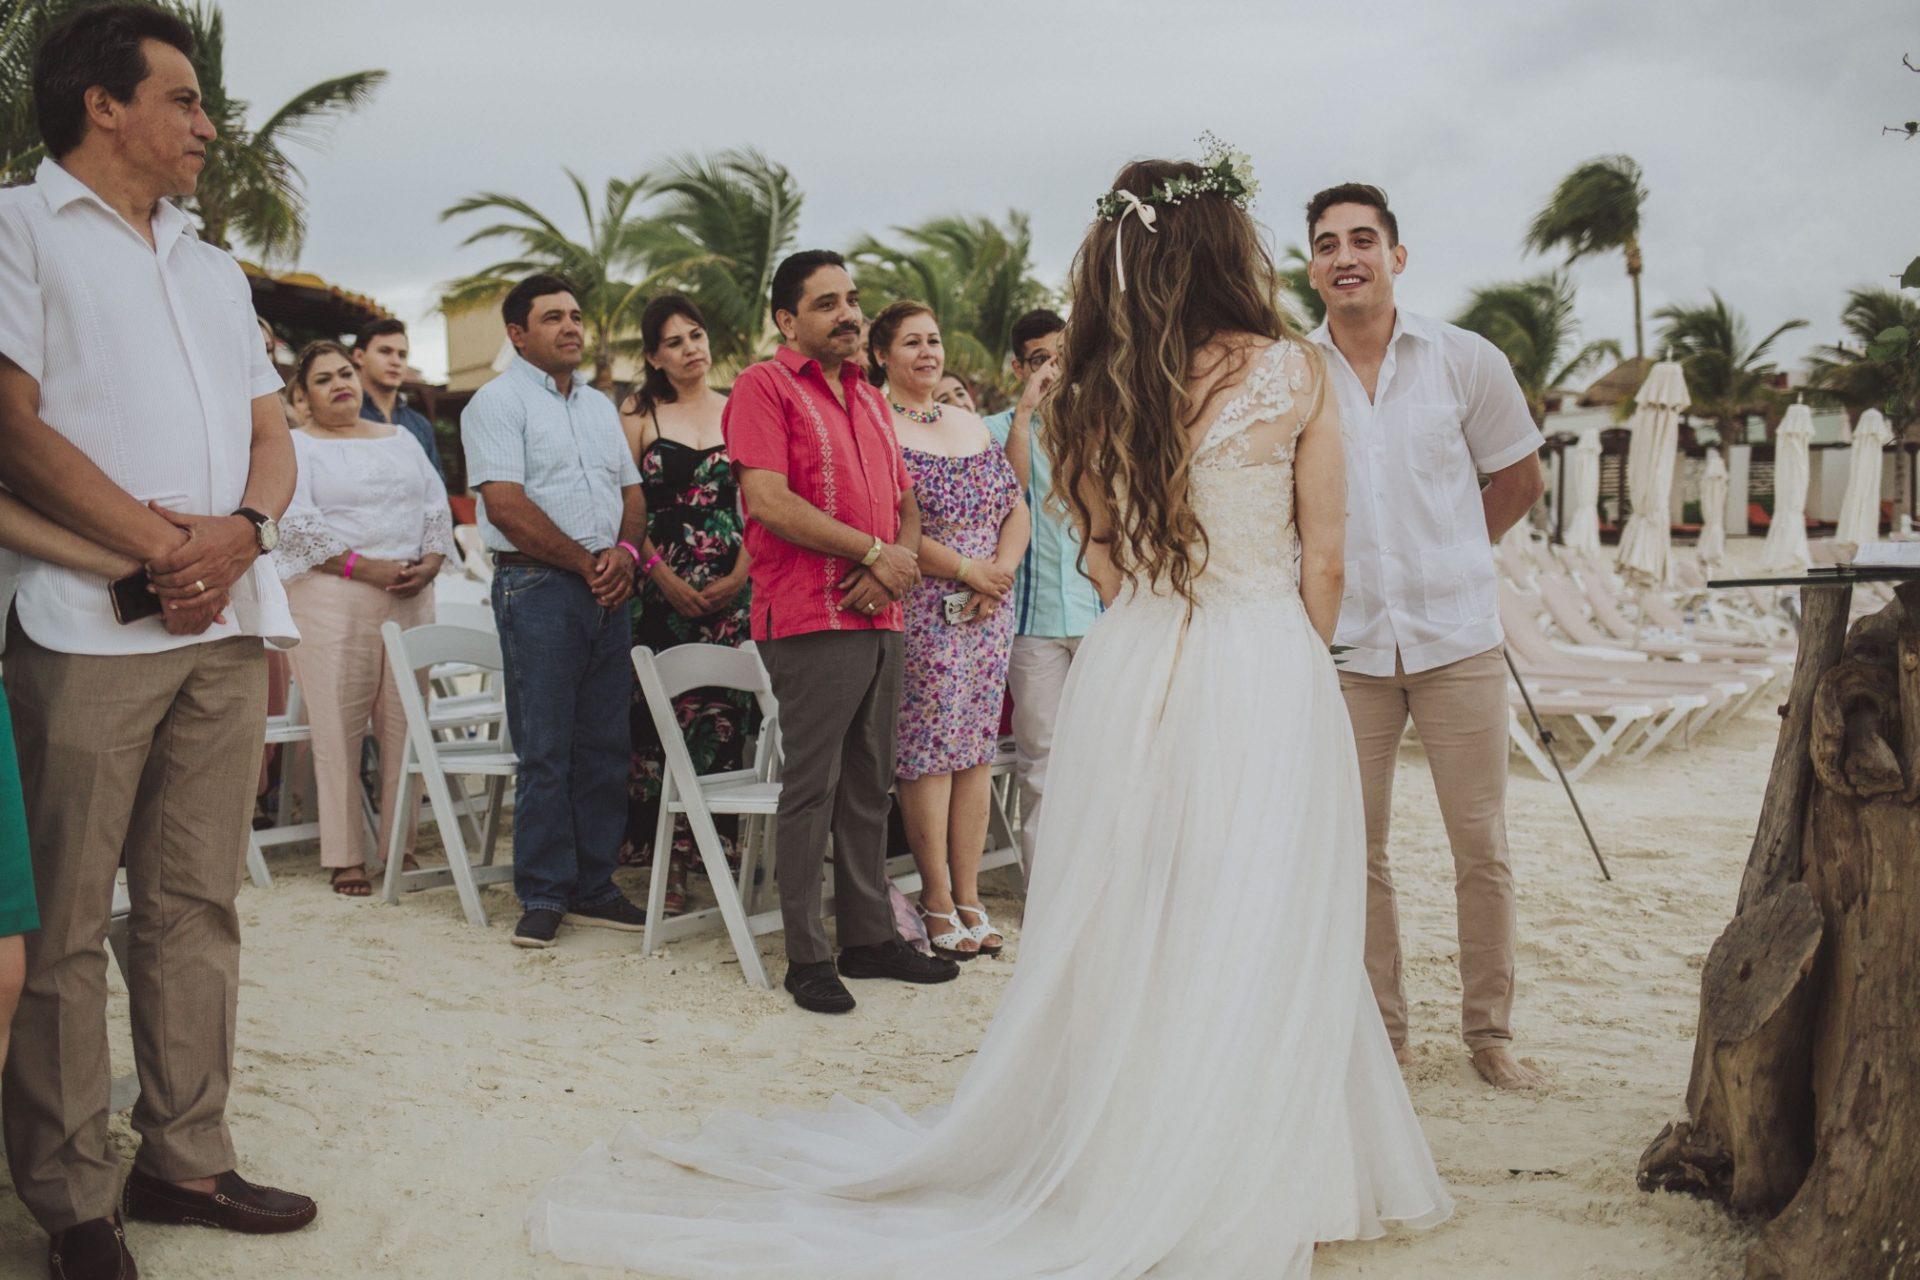 fotografo_bodas_profesional_zacatecas_riviera_maya_cancun-44